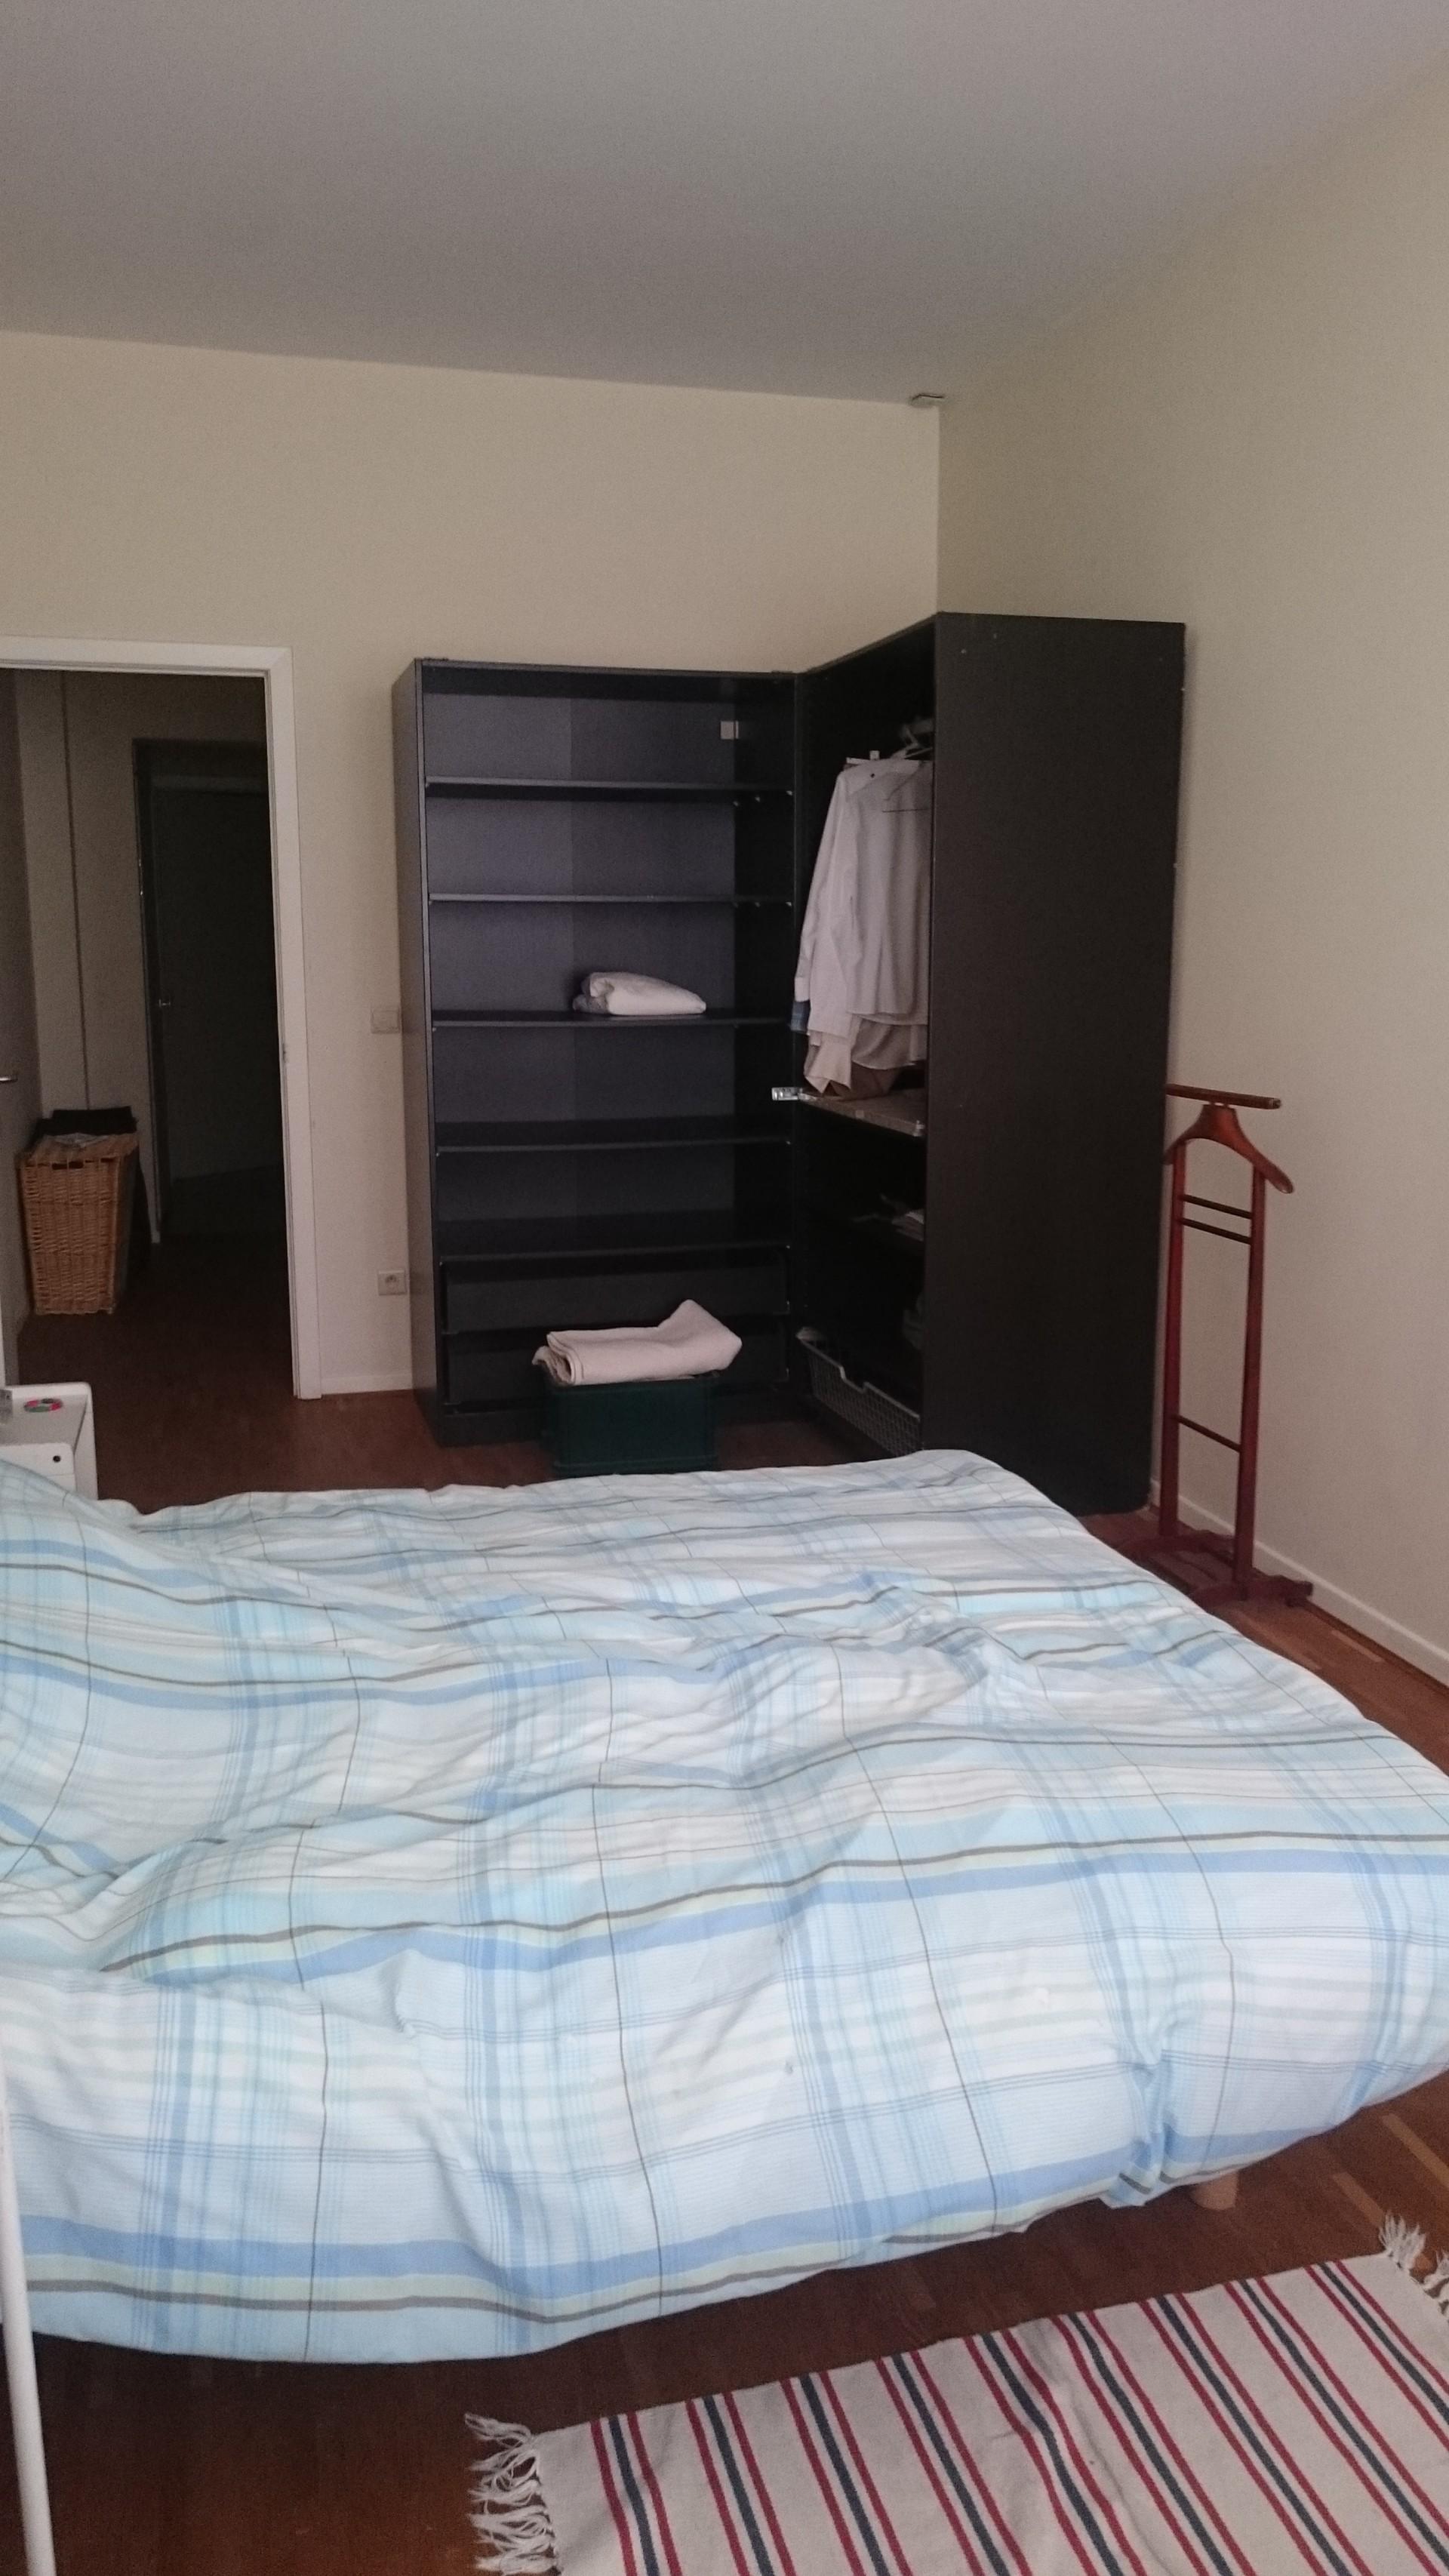 chambre-non-fumeur-25-m-salle-de-bain-wc-privatifs-un-grand-appartement-a6dba537cb6057df5a235b6fbcfe5174